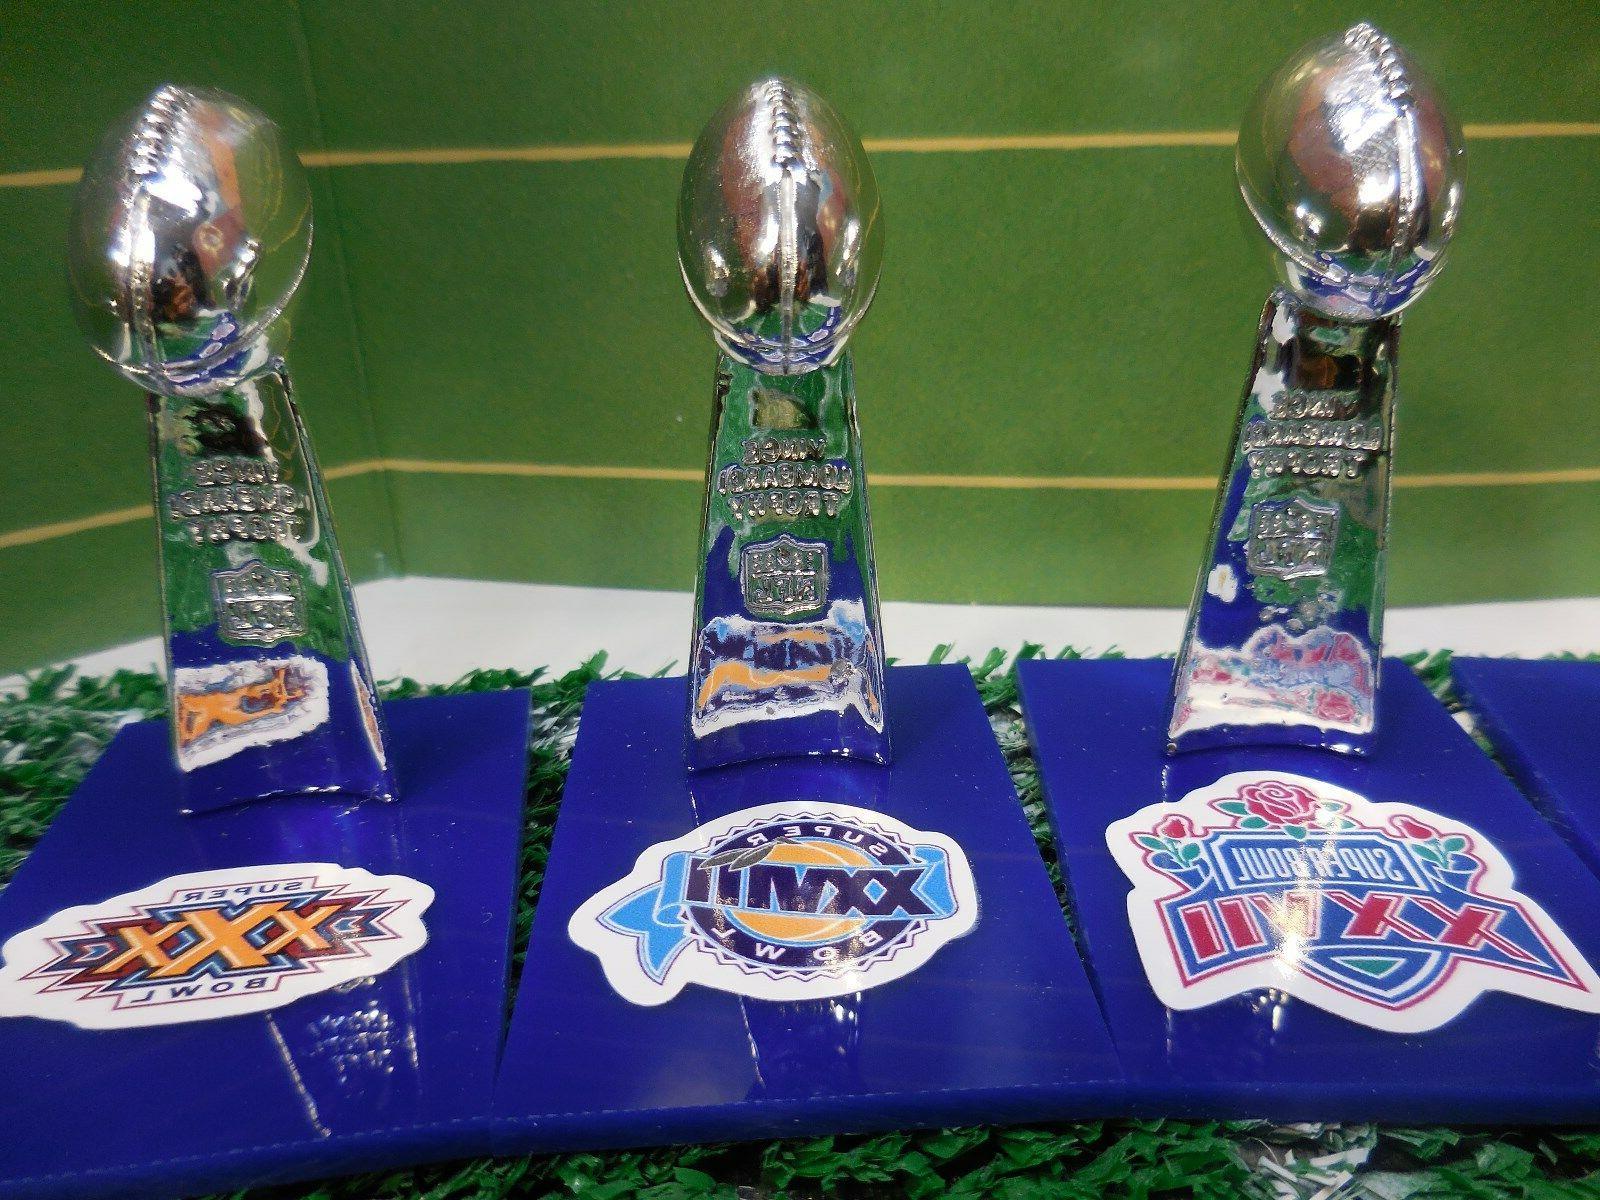 Dallas Mini Trophy Mcfarlane/Pocket